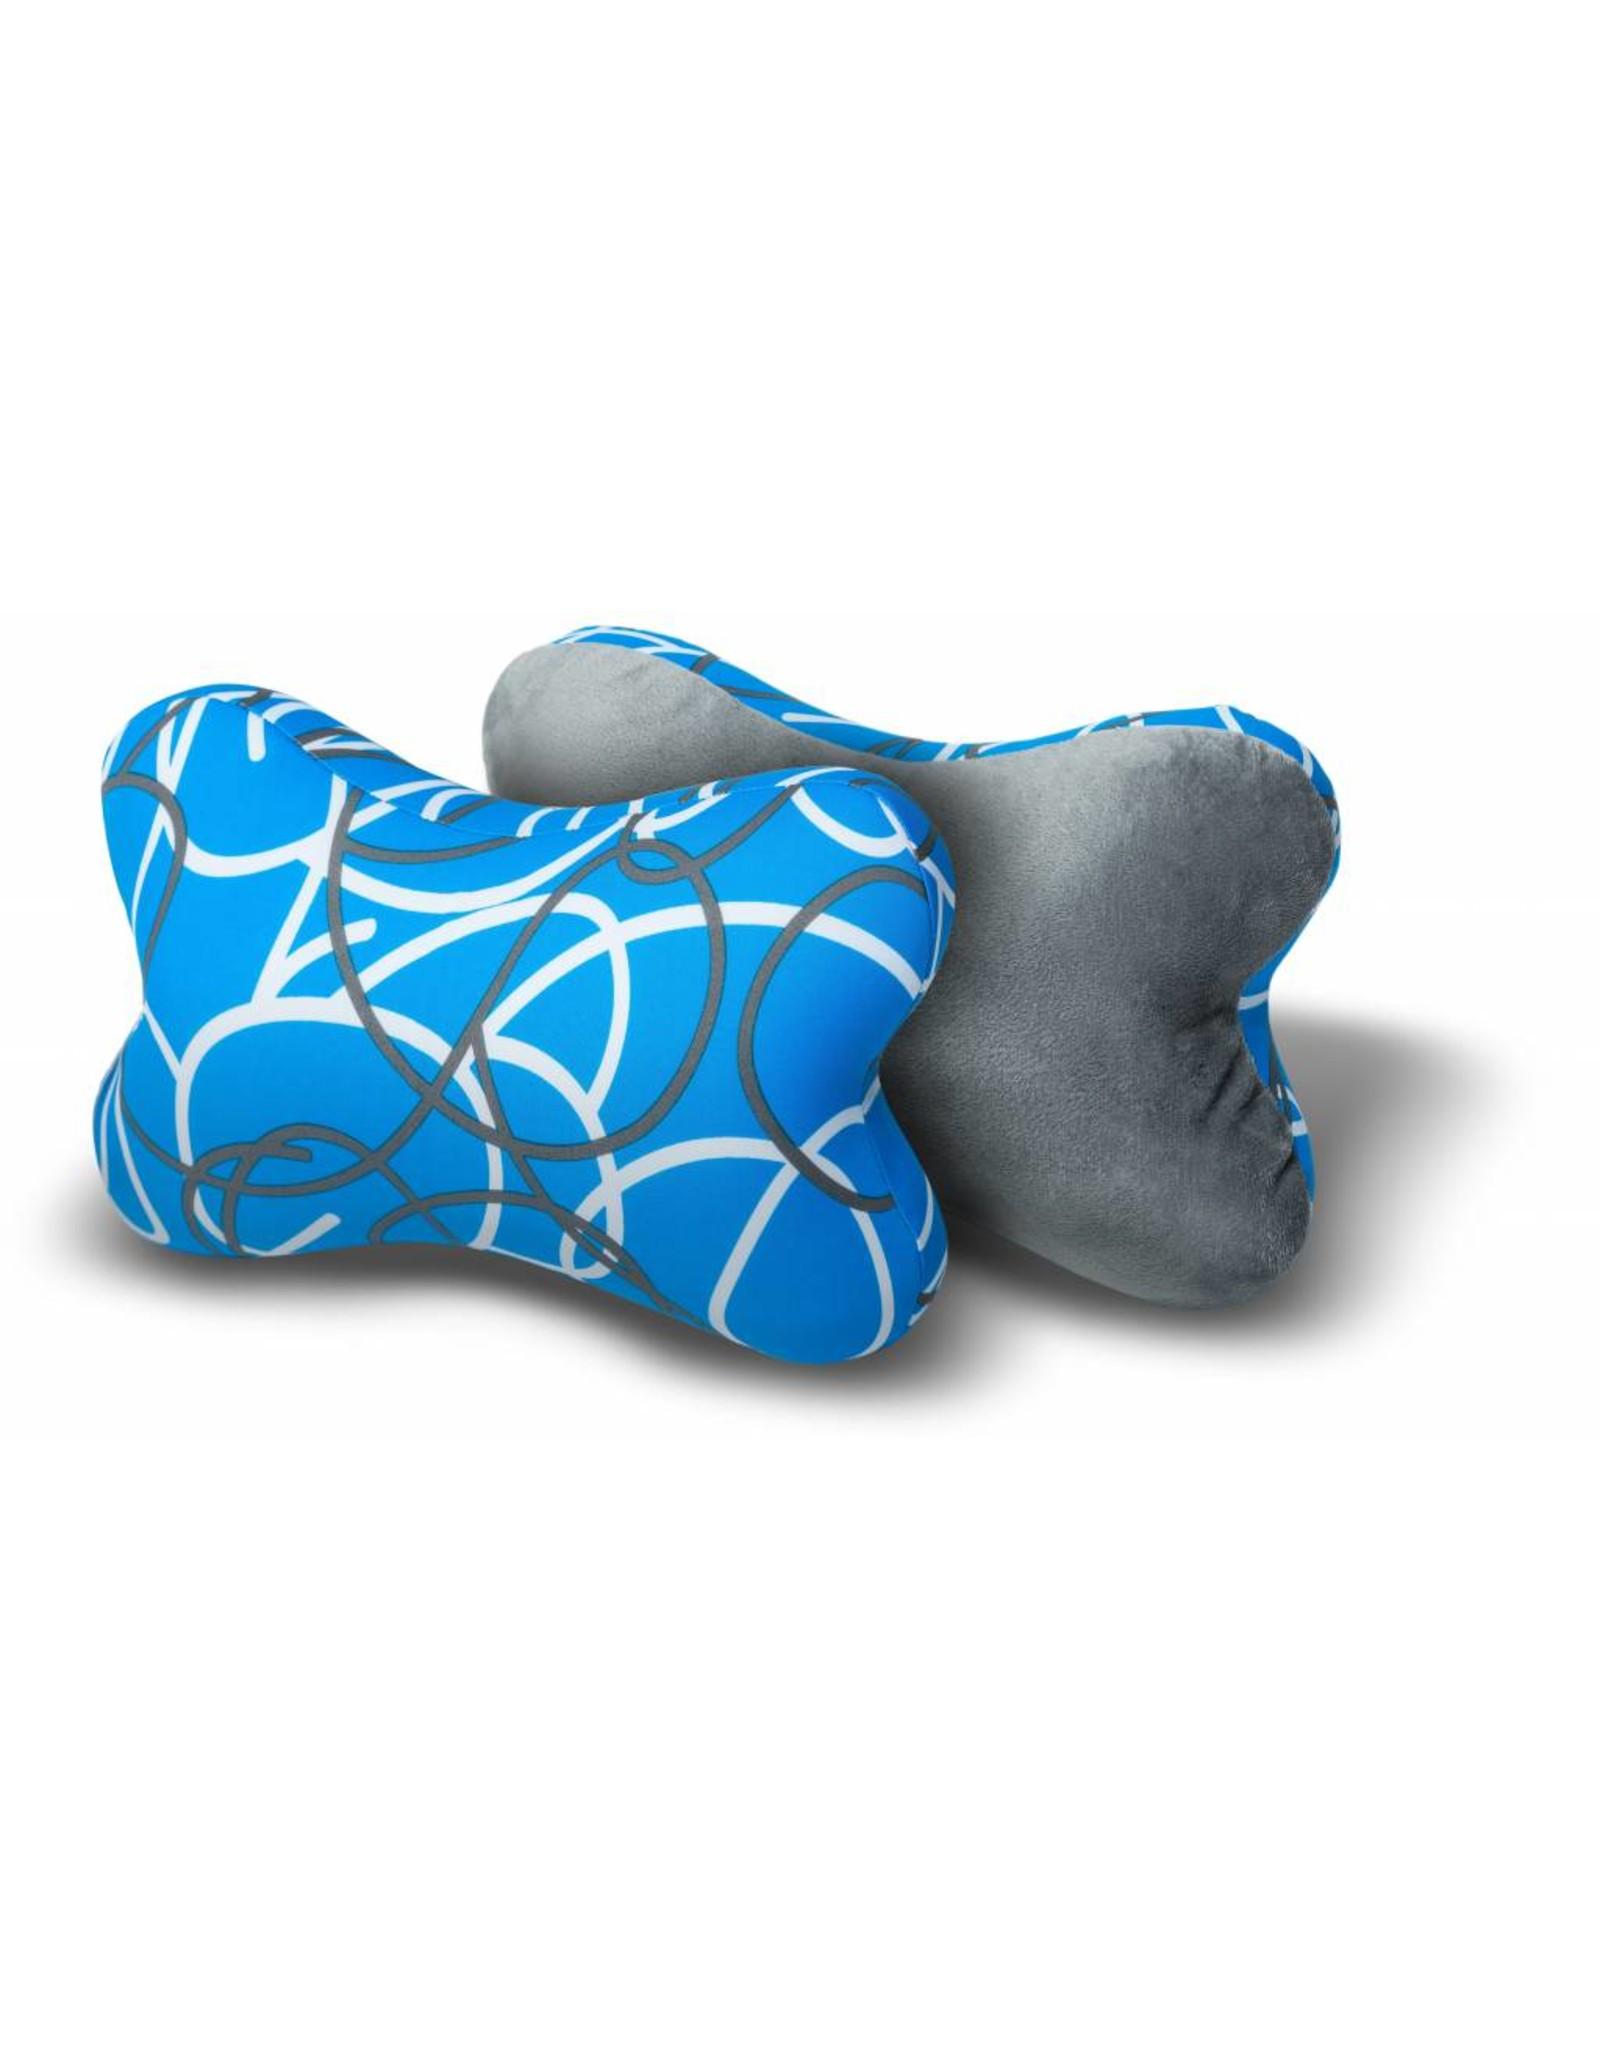 Kuschel-Maxx Kuschel-Maxx - Knochen Linien Blau